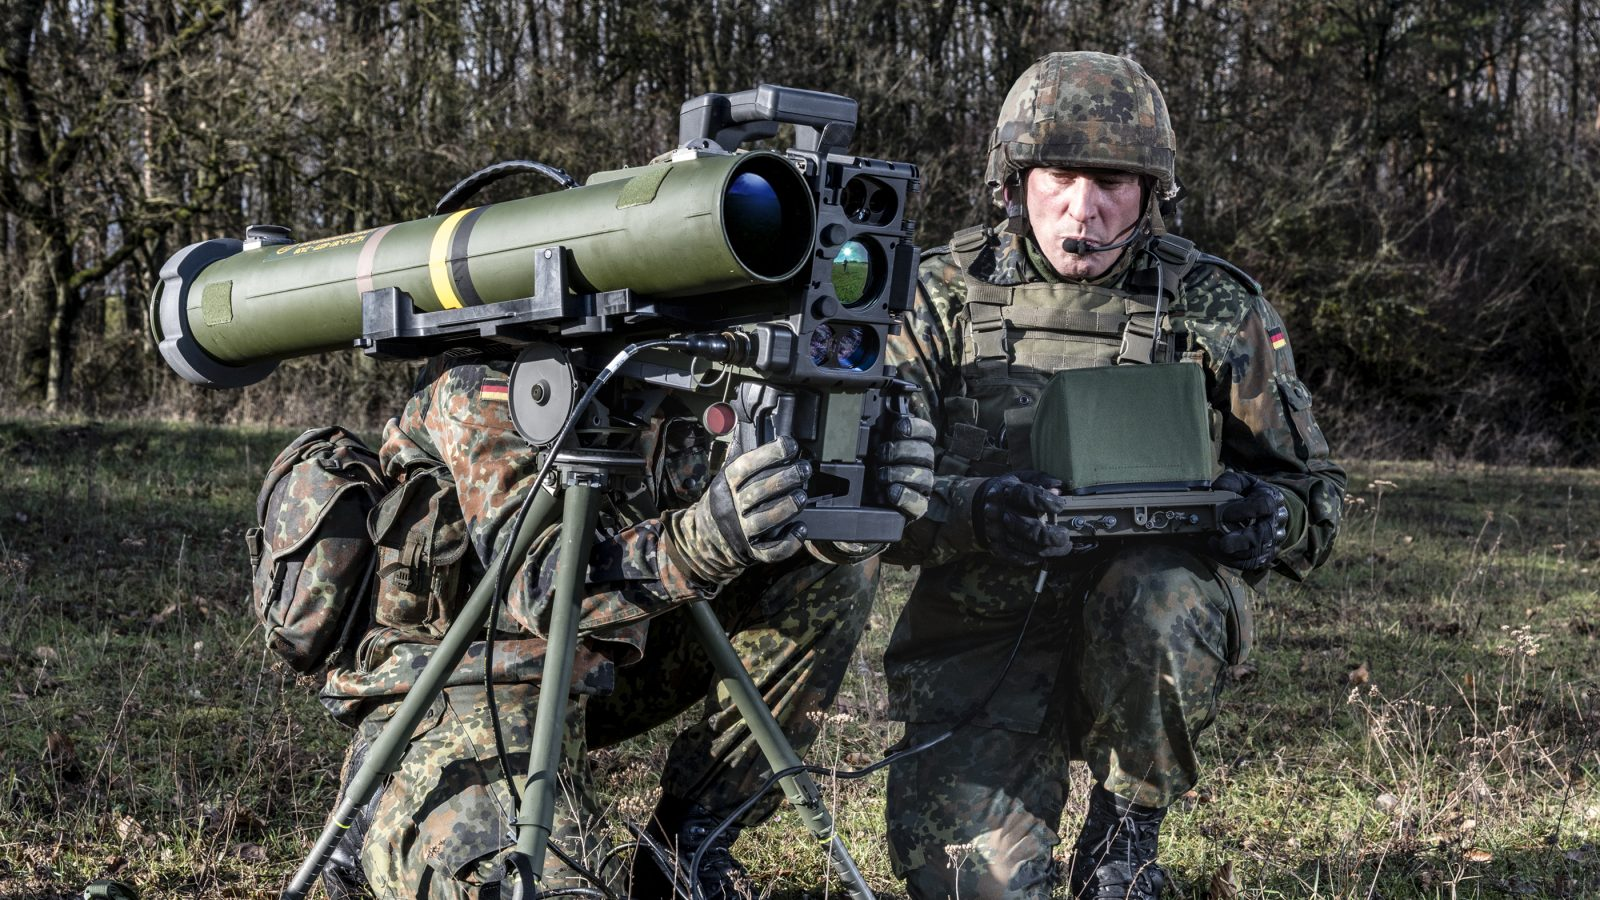 Spike Missile System